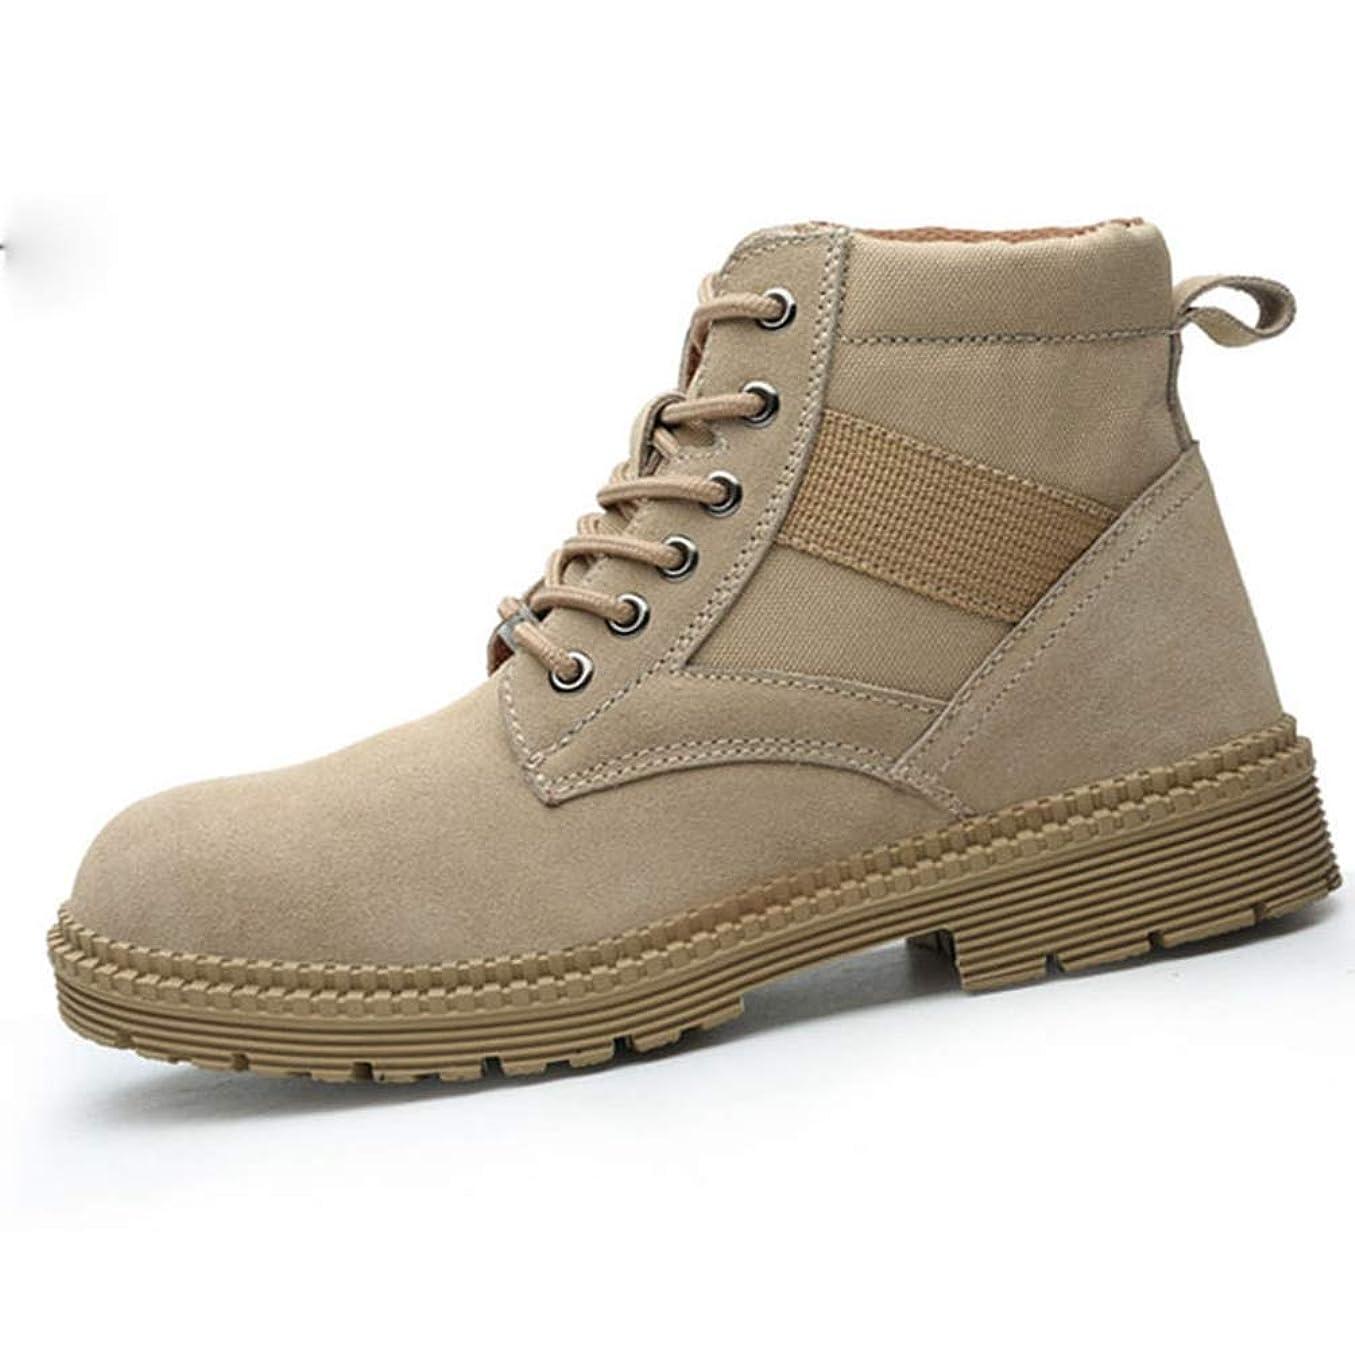 手書きエキゾチック矢印セーフティシューズ ワークシューズ 作業靴 保護靴 メンズ 耐摩耗性 耐久性 アウトドア 工業用 建設作業 釘踏み抜き防止 先芯入り つま先保護 溶接作業 パンチング加工 耐久性抜群 歩きやすい おしゃれ